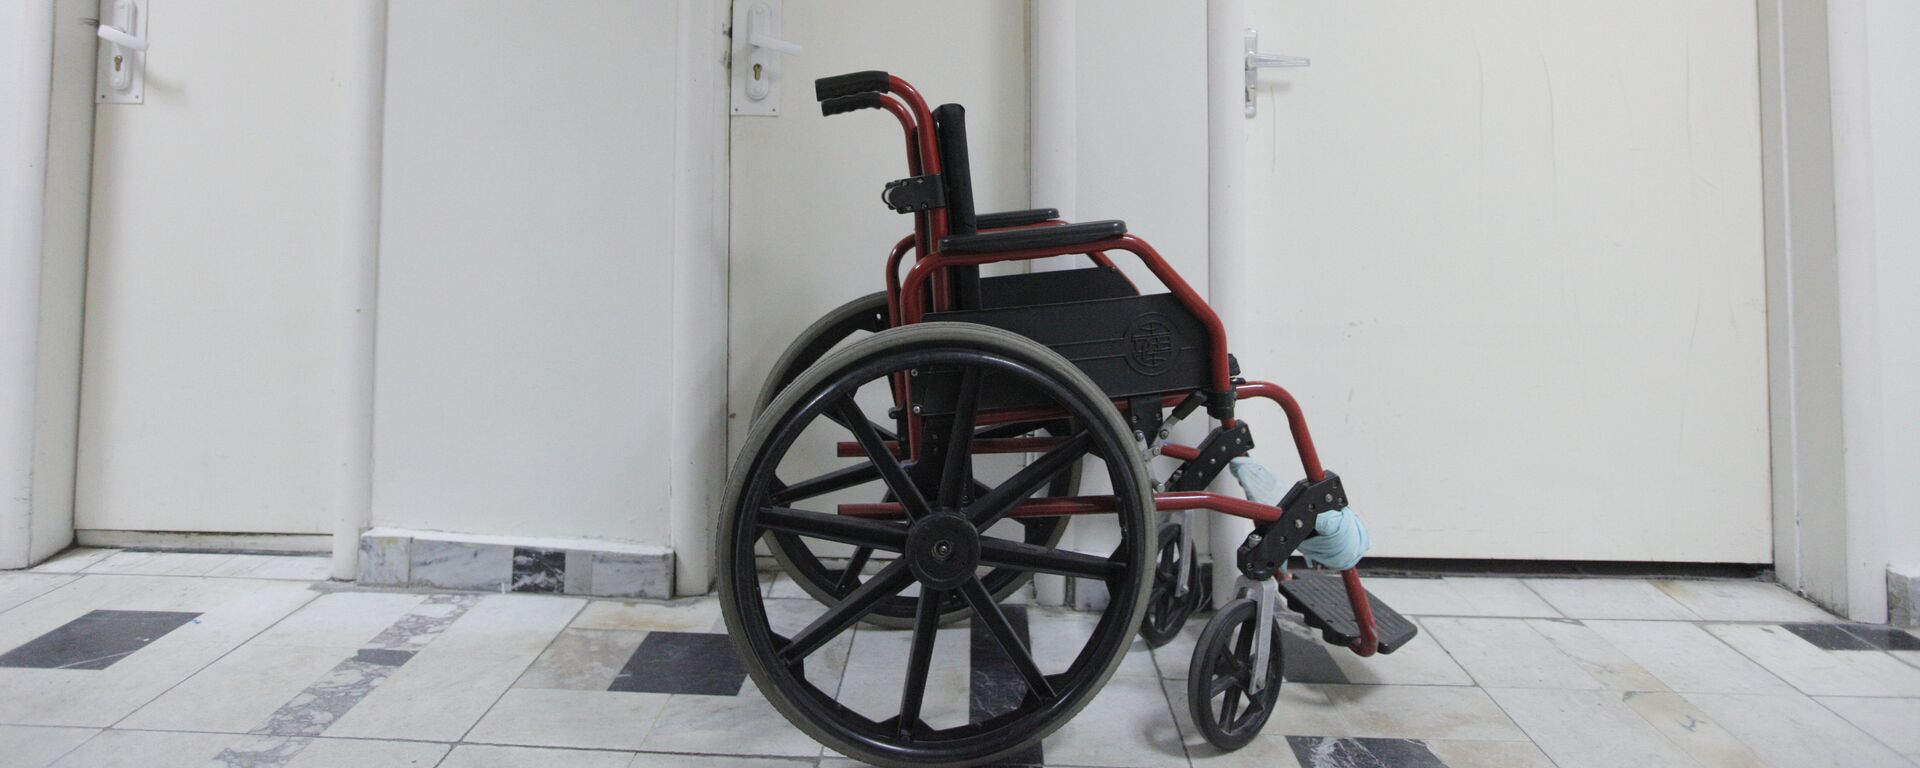 Инвалидная коляска - Sputnik Узбекистан, 1920, 23.08.2019